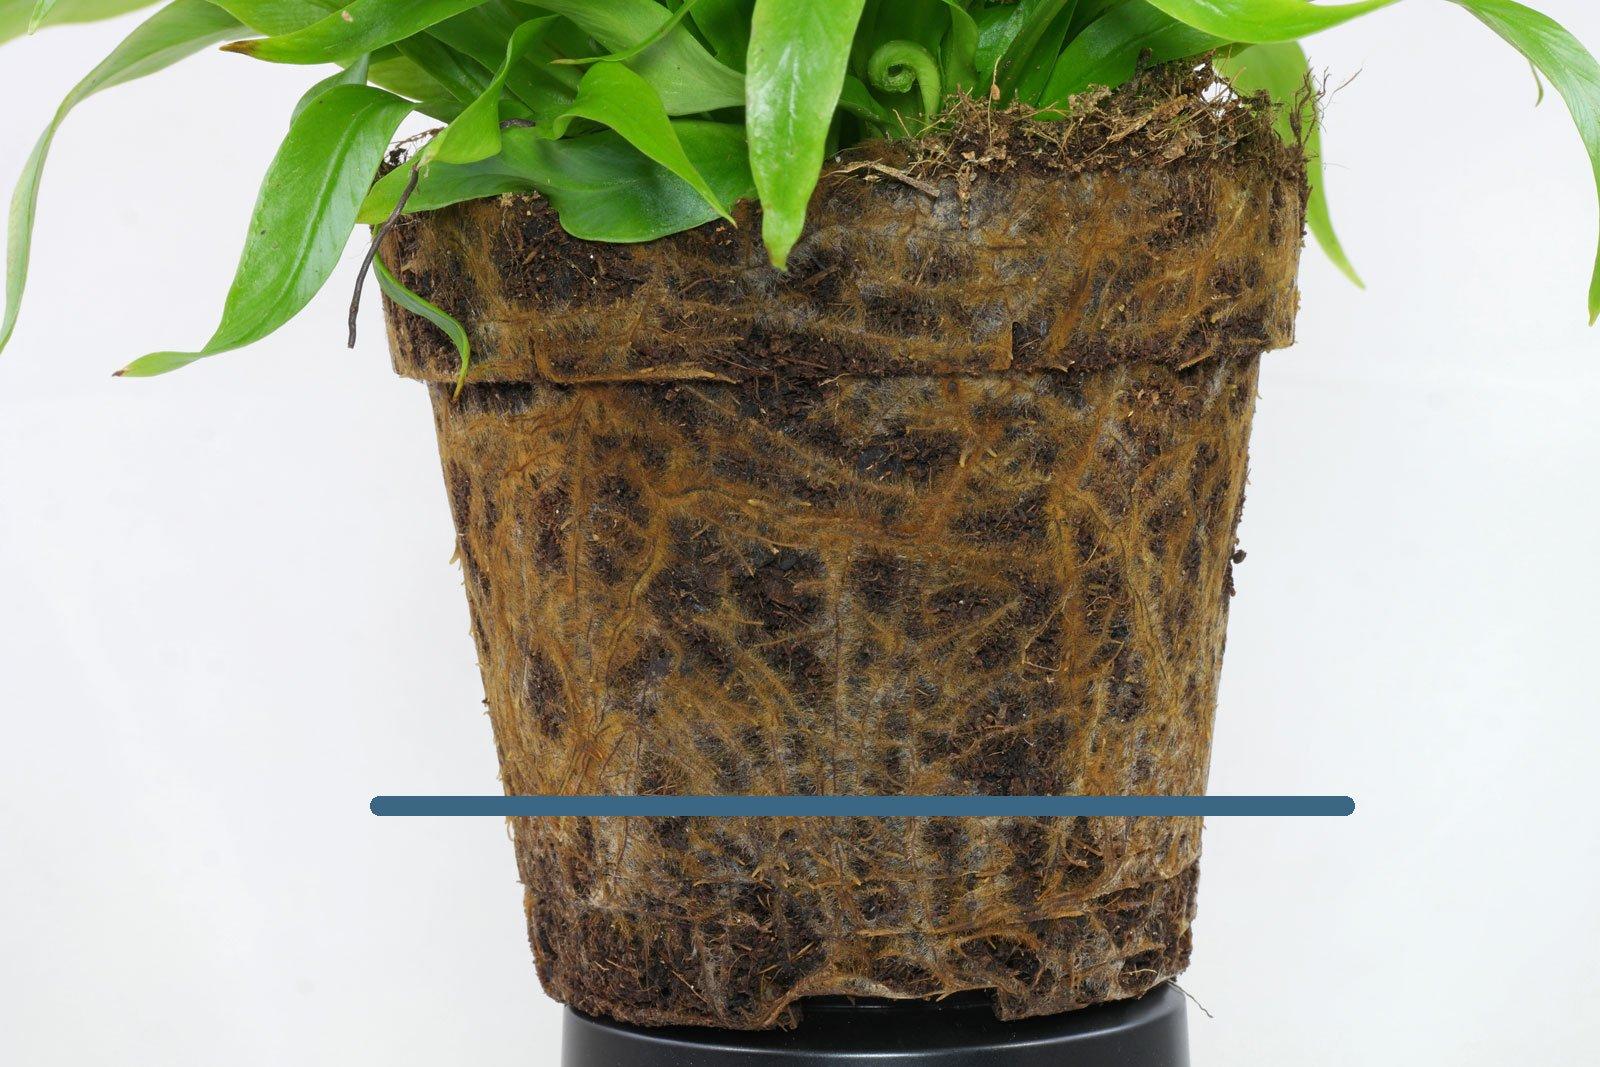 Asplenium antiquum roots